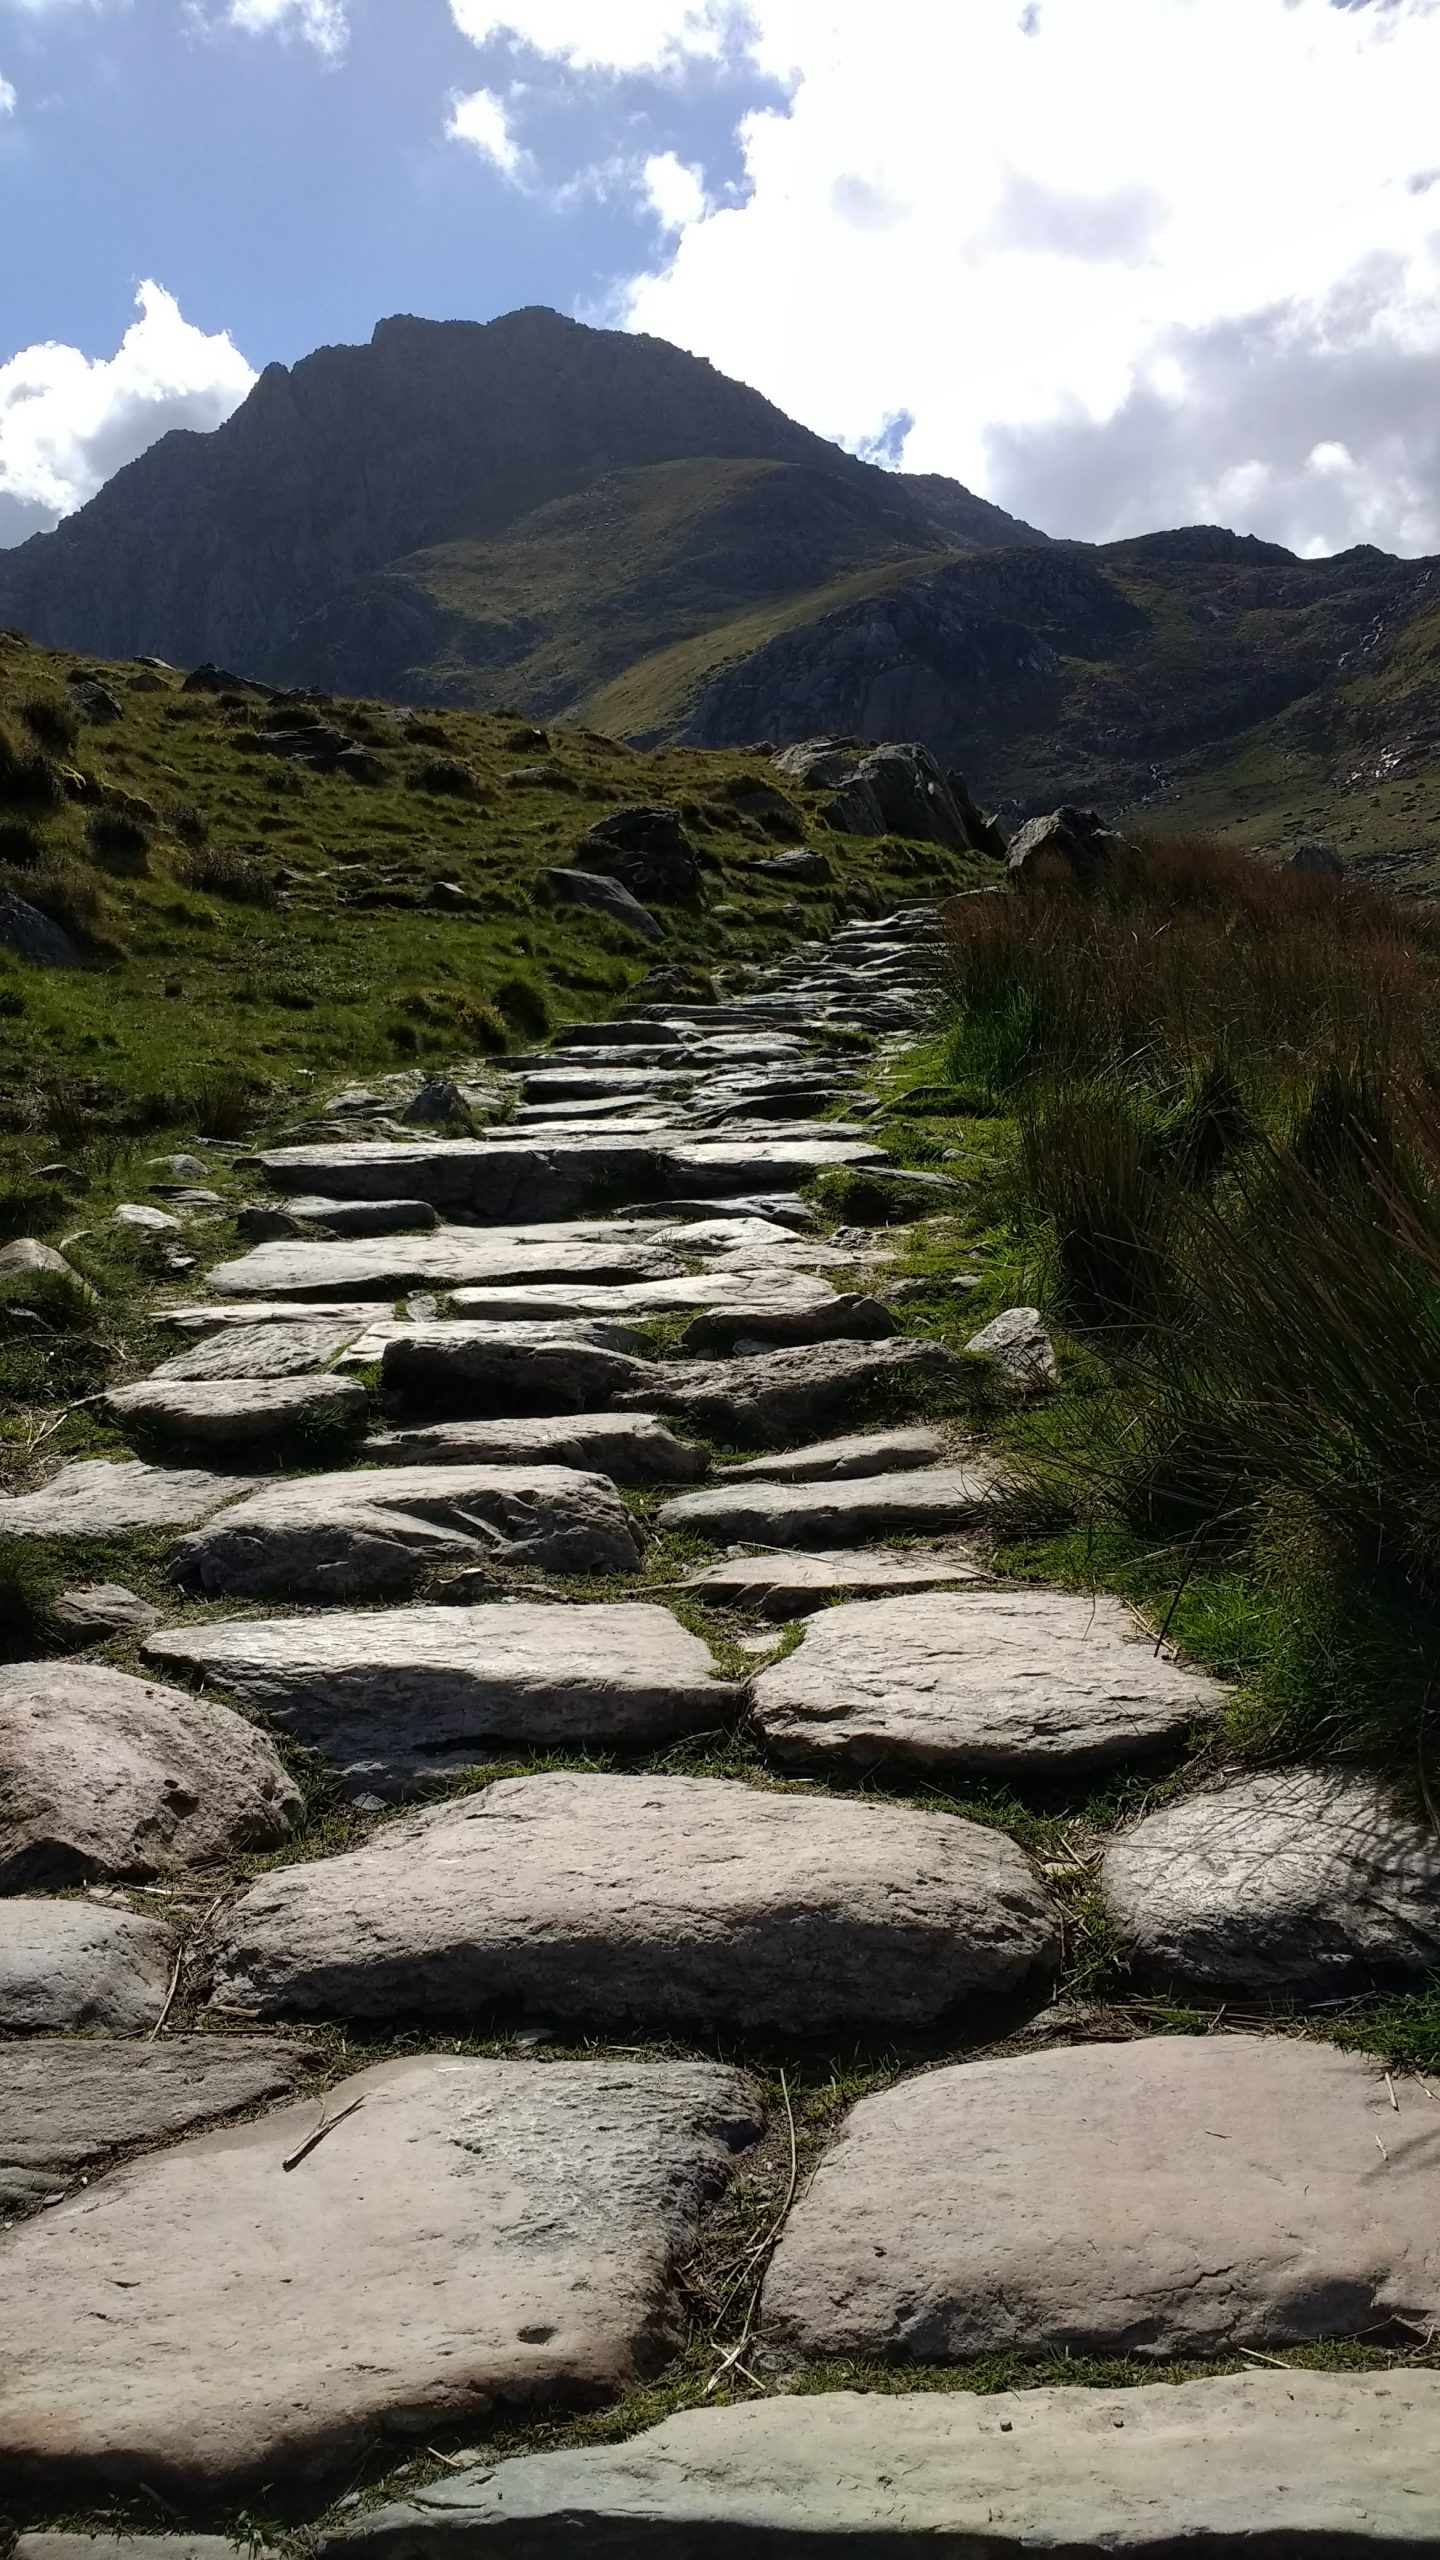 Stone Path in the Glyderau